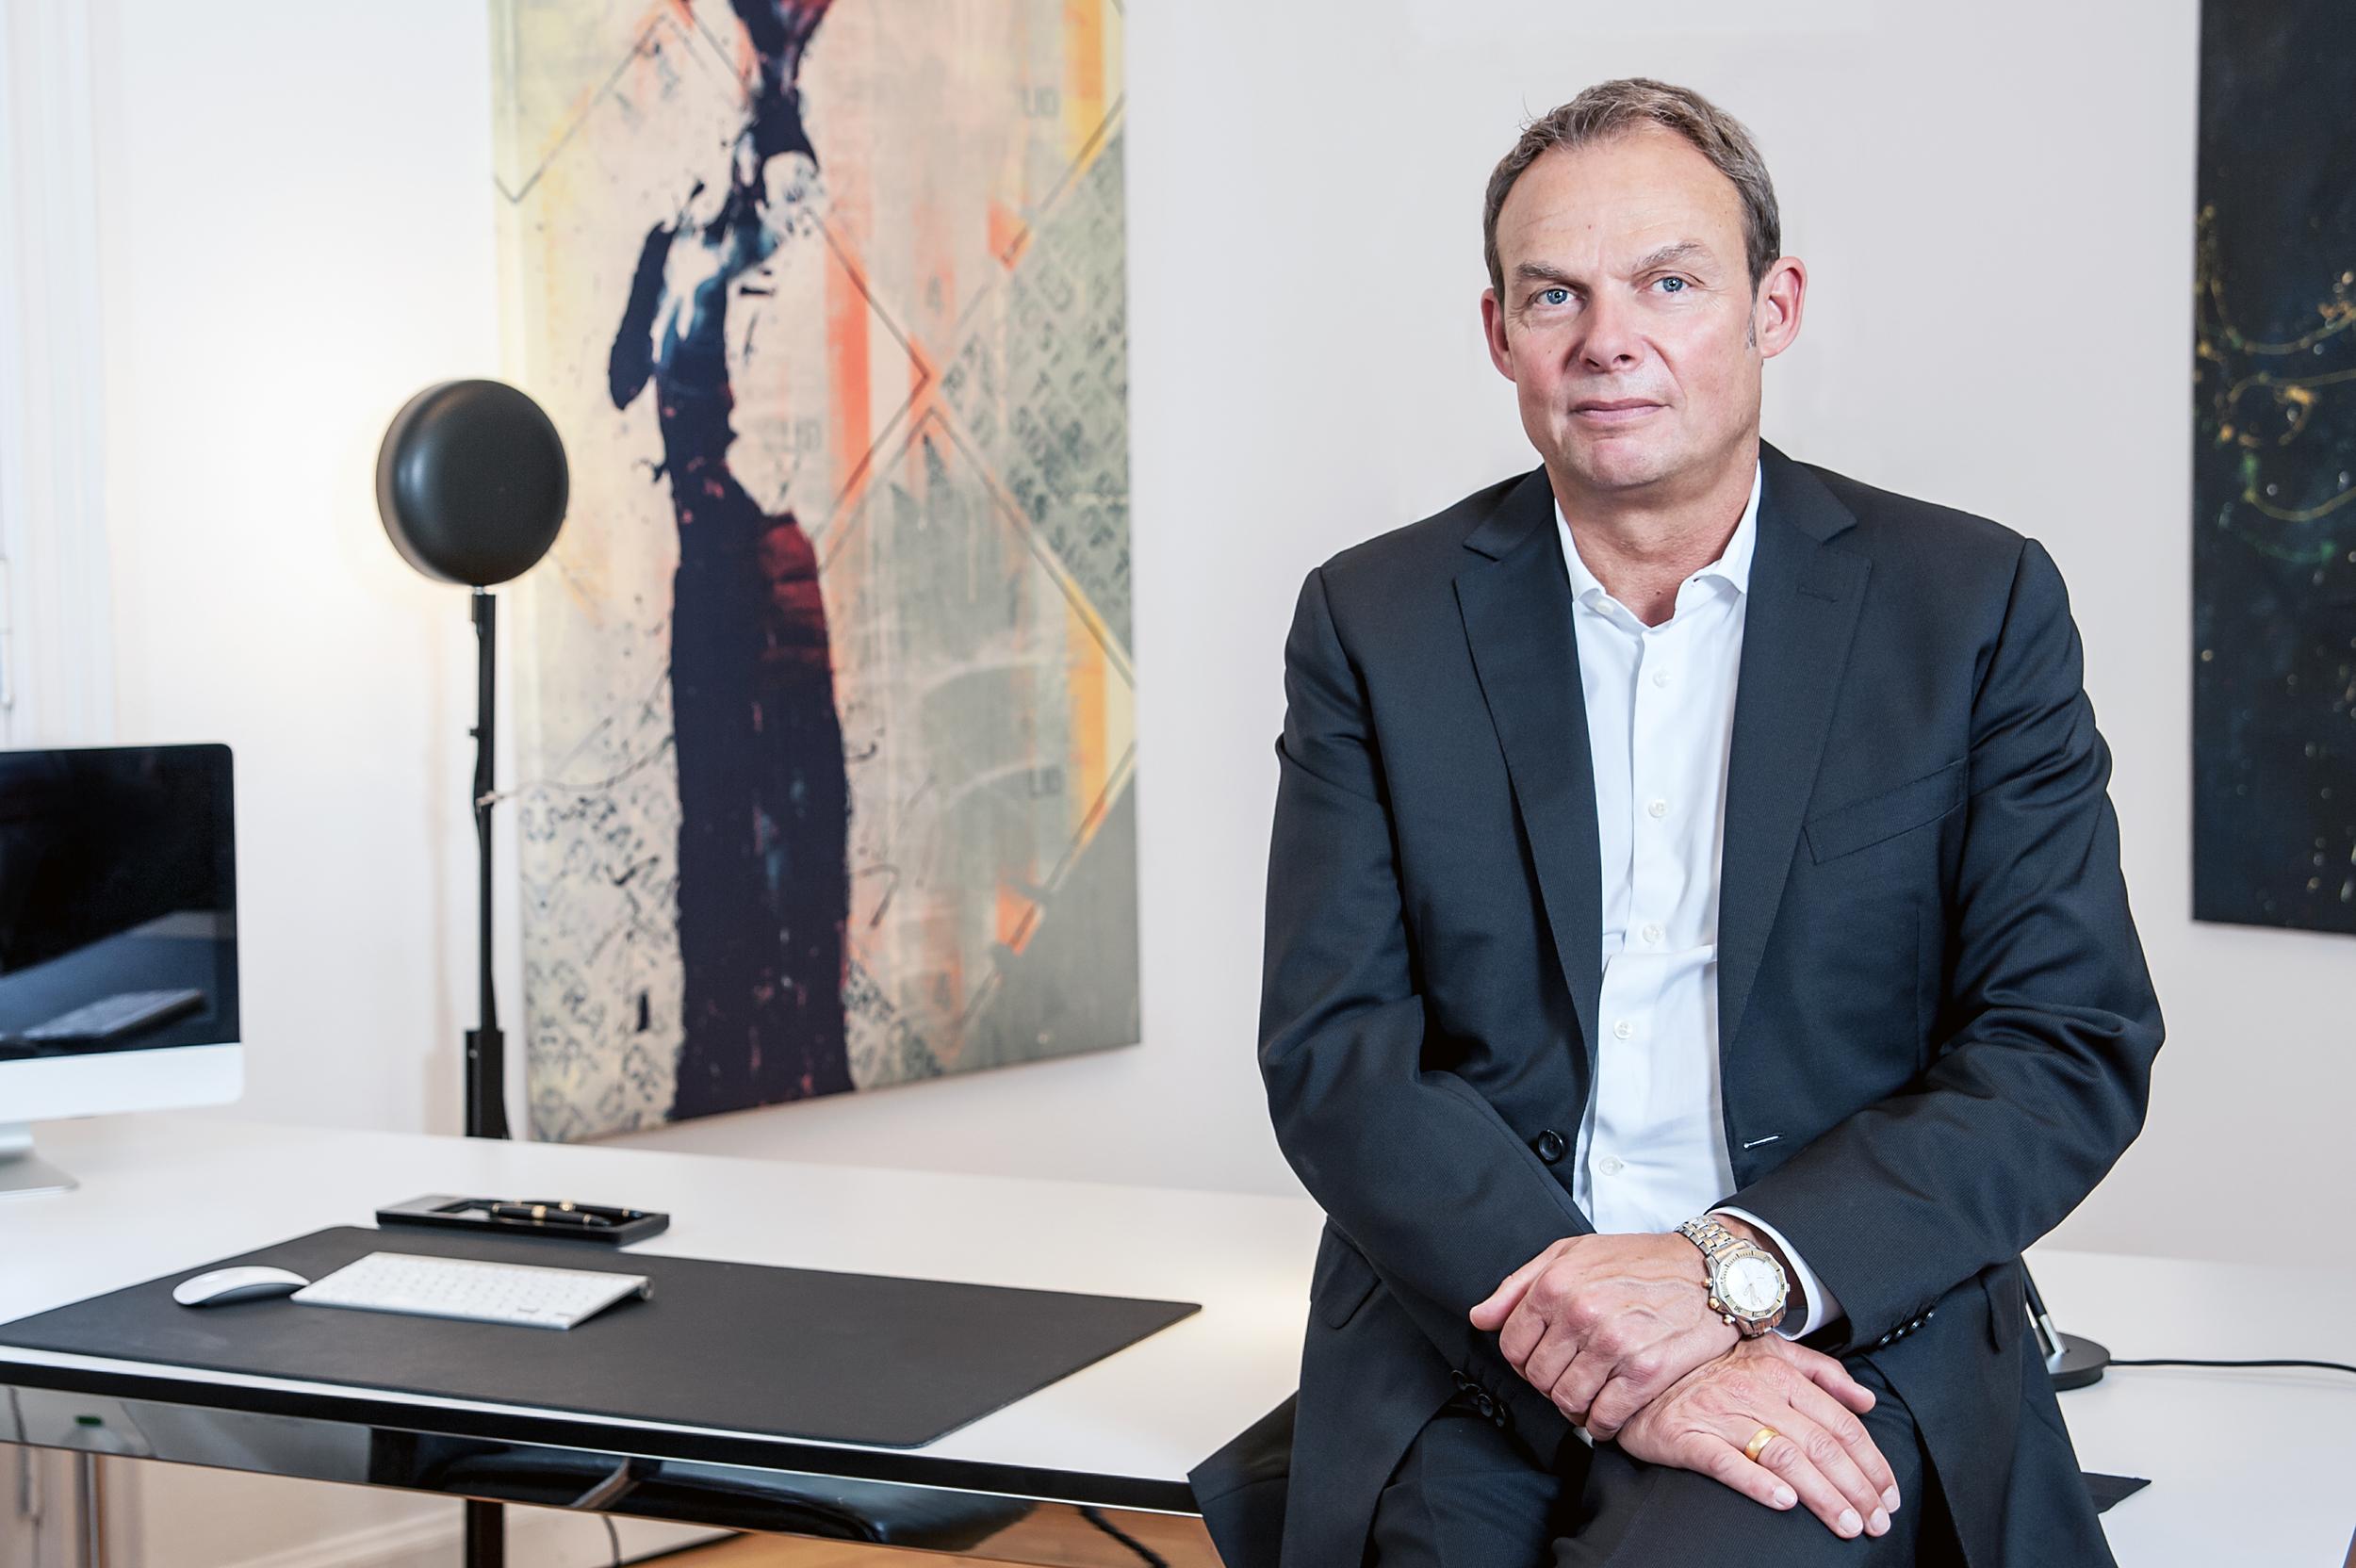 Rechtsanwalt Michael Böcker